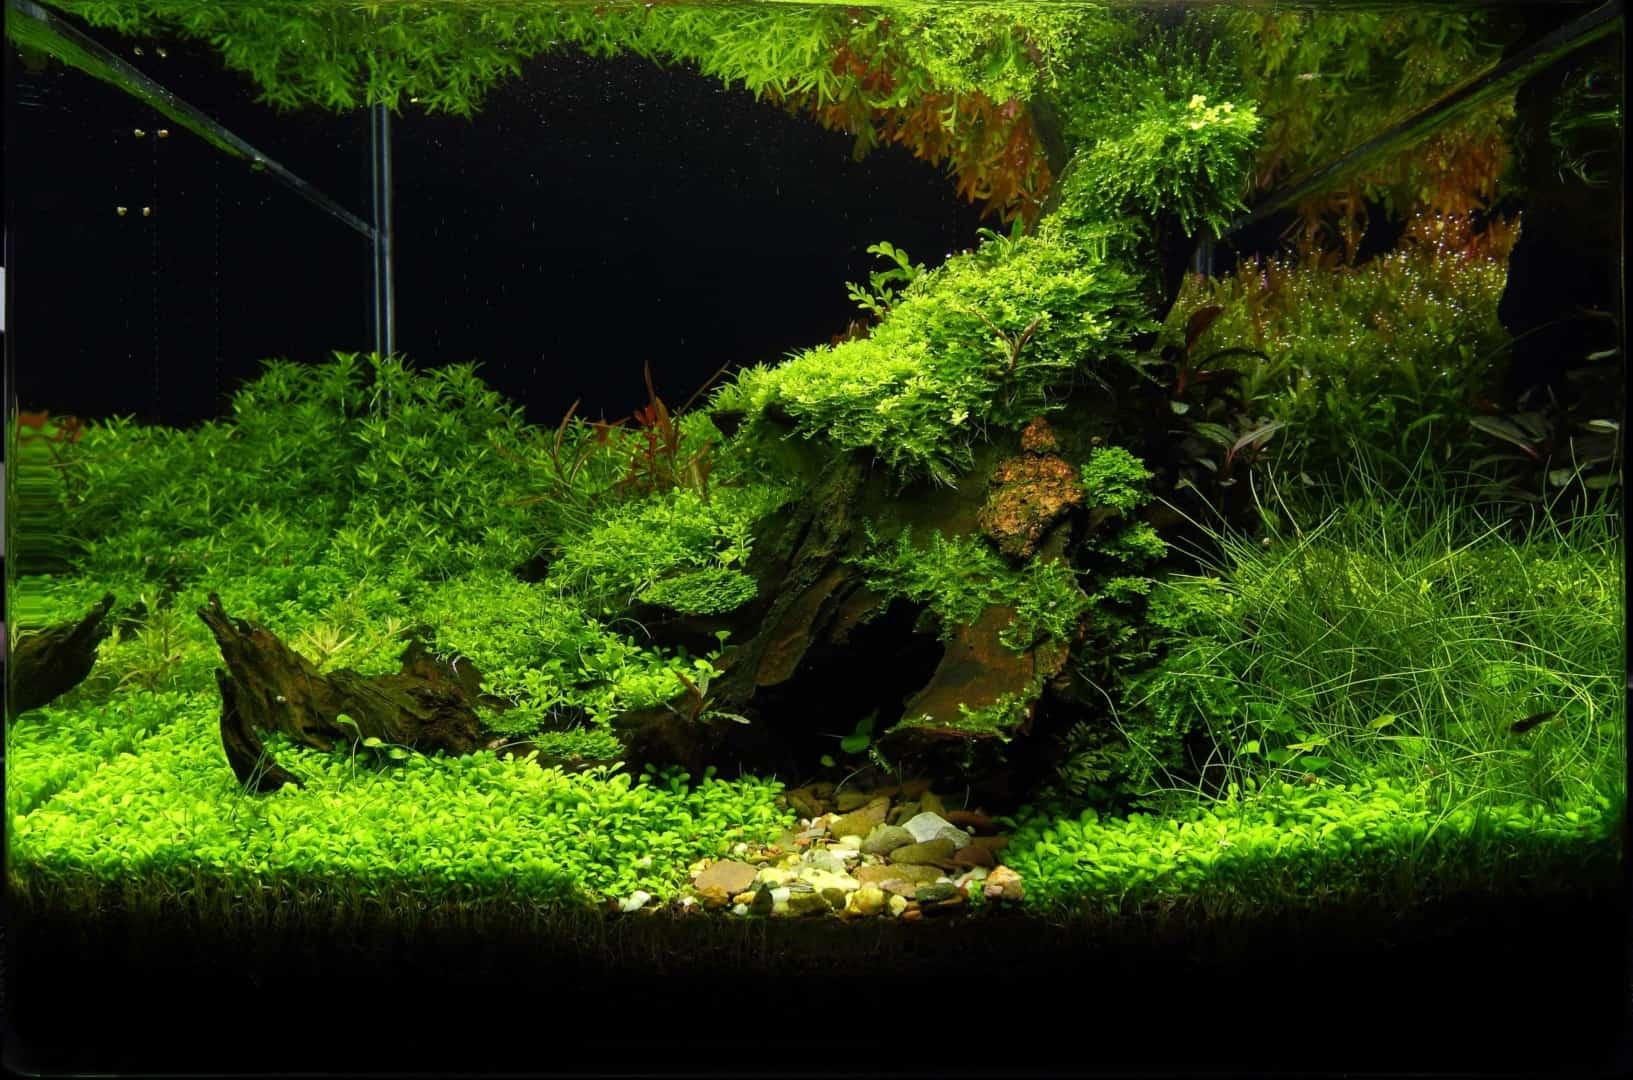 191 - The Art of the Planted Aquarium - Neuheiten und Möglichkeiten zum Mitmachen im April 2019 (Stefanie Hesse) 25